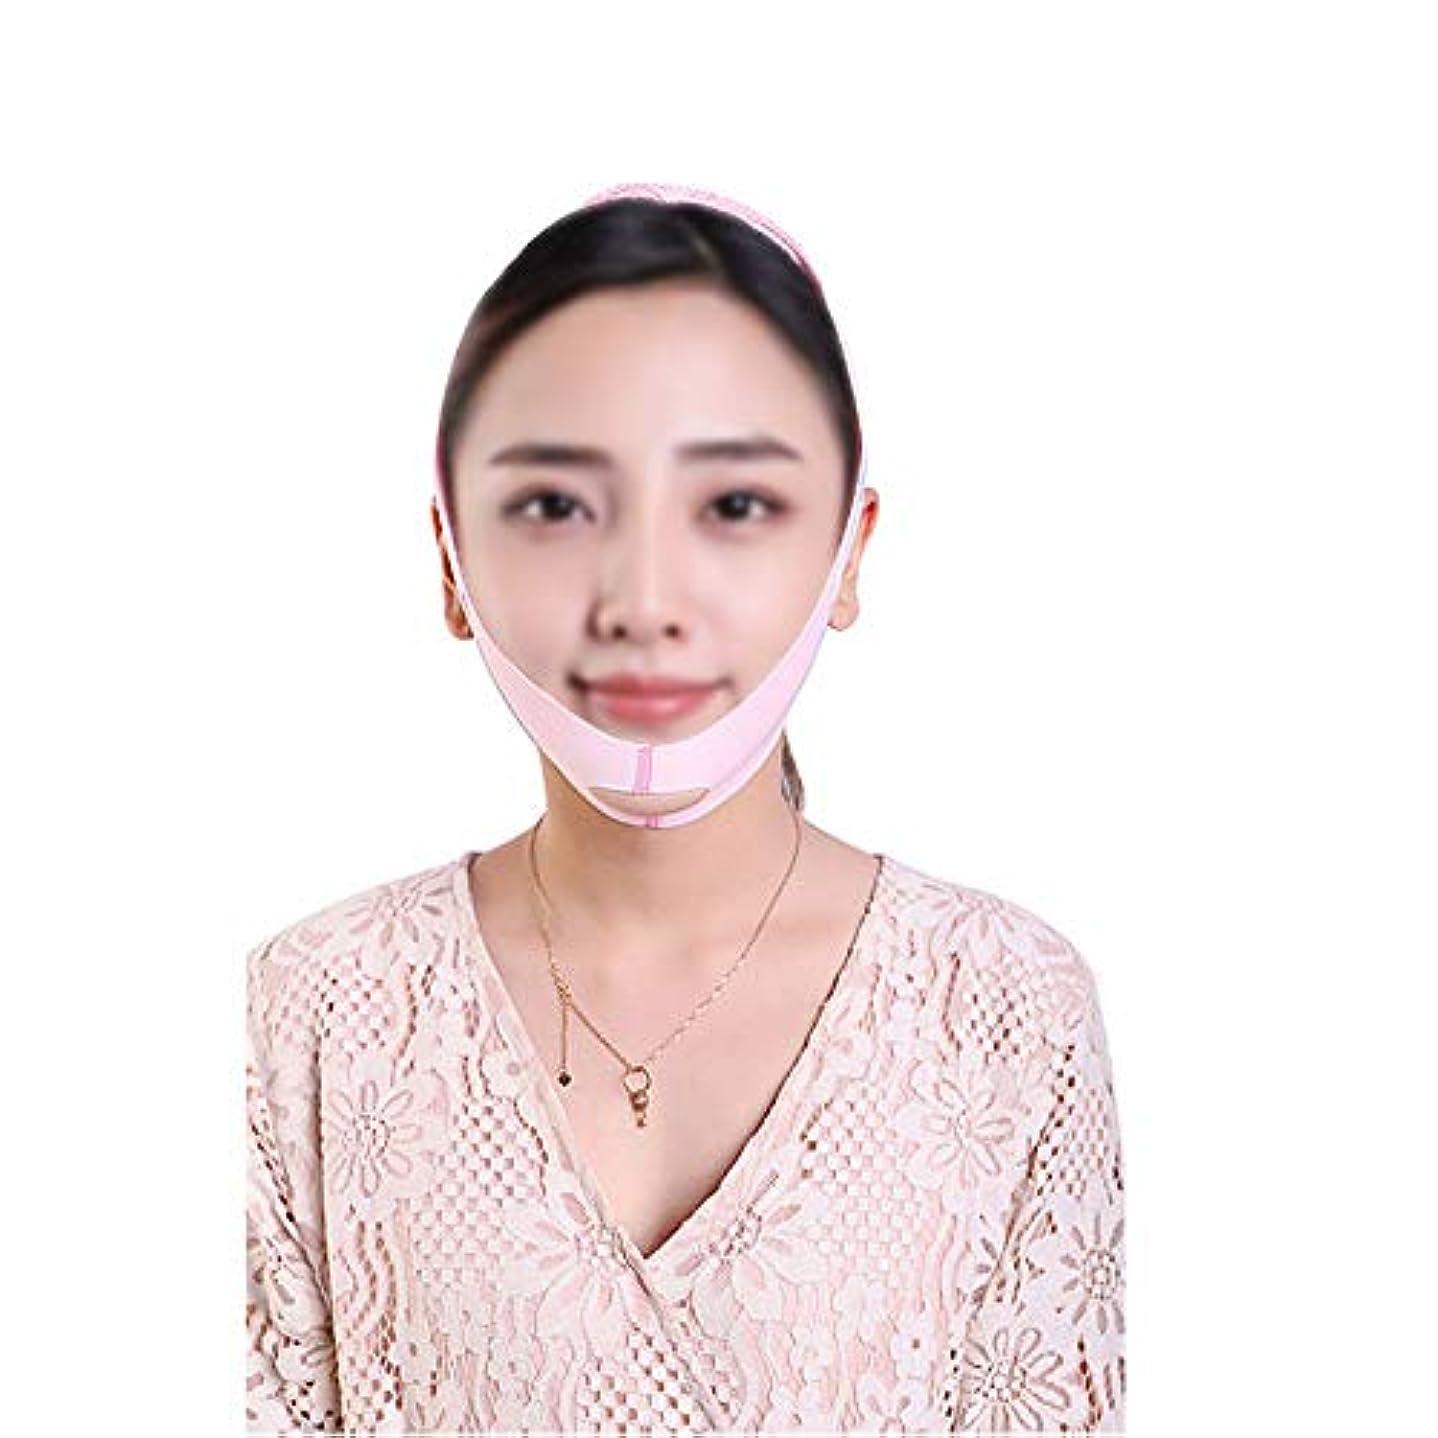 幻想スカートマイクロTLMY 薄いフェイスマスク引き締めアンチフロントドルーピングアーティファクト小さなVフェイス包帯マスク 顔用整形マスク